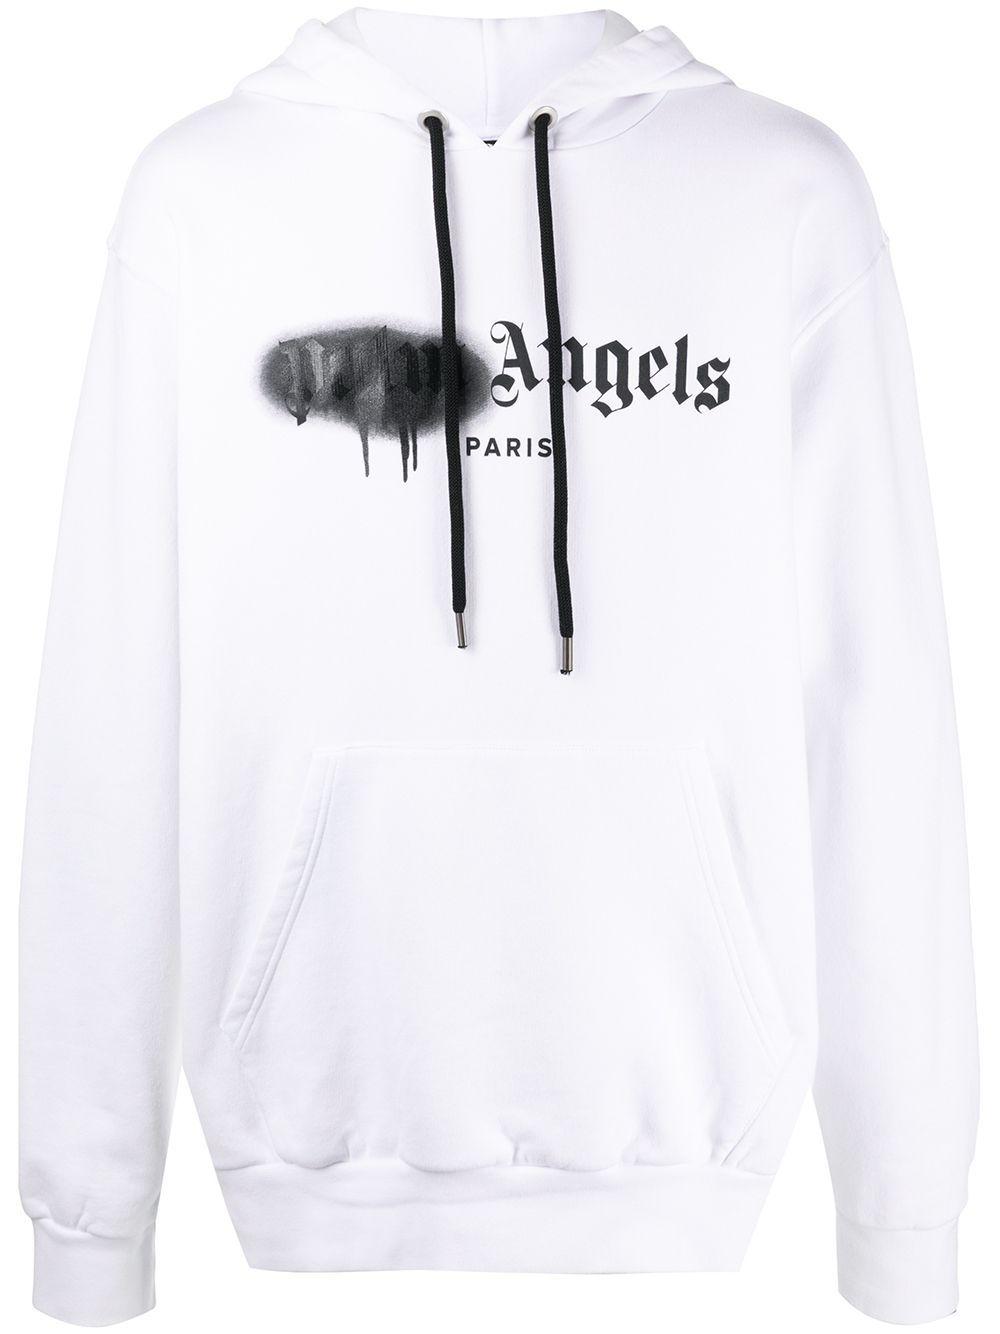 Palm Angels Paris Sprayed Logo Hoodie Farfetch In 2021 Hoodies Palm Angels White Hoodie [ 1334 x 1000 Pixel ]